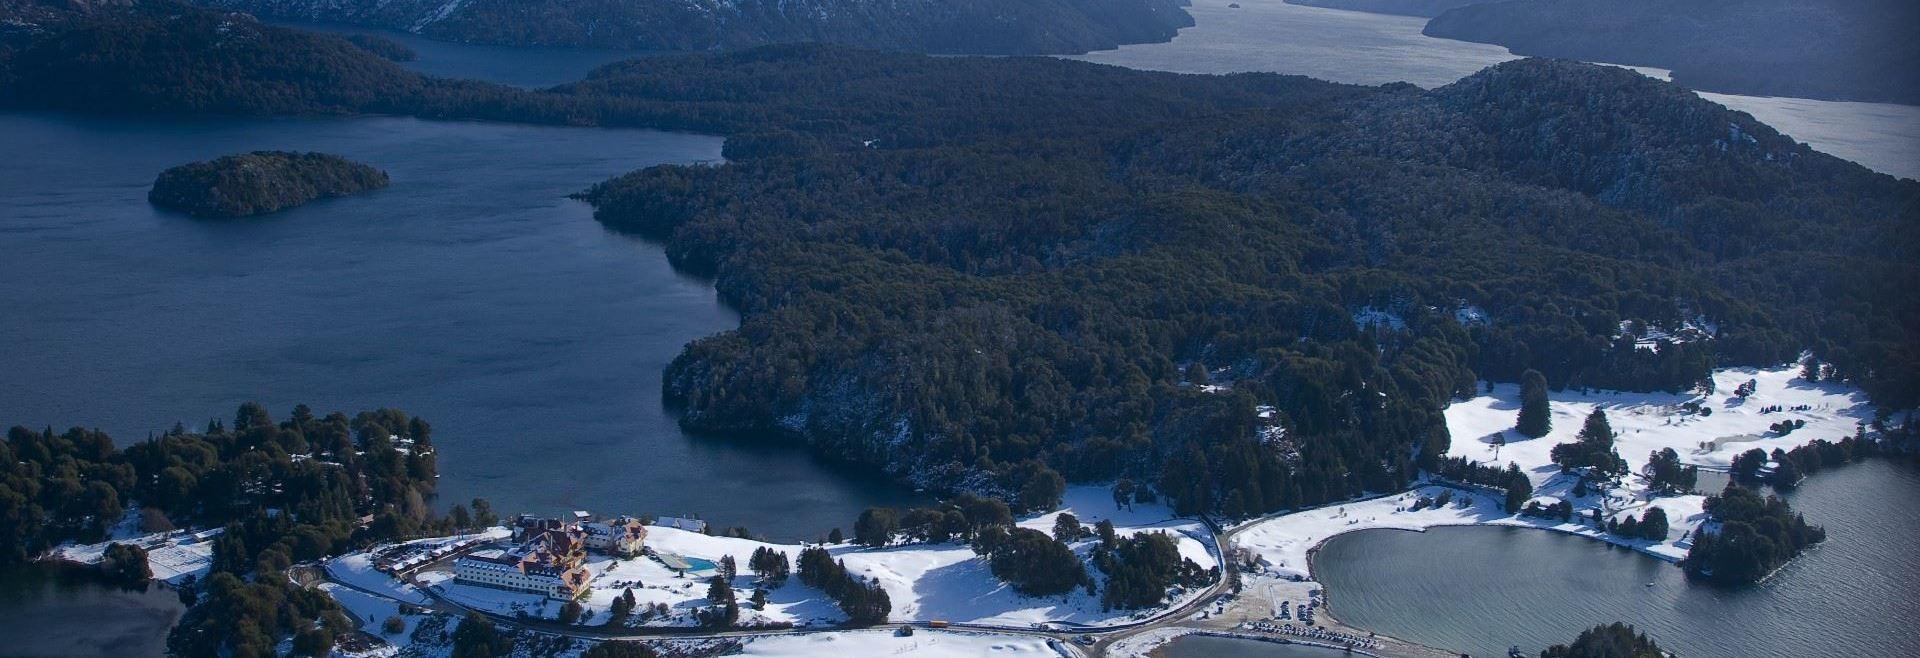 winter-aerial-view-llao-llao-hotel